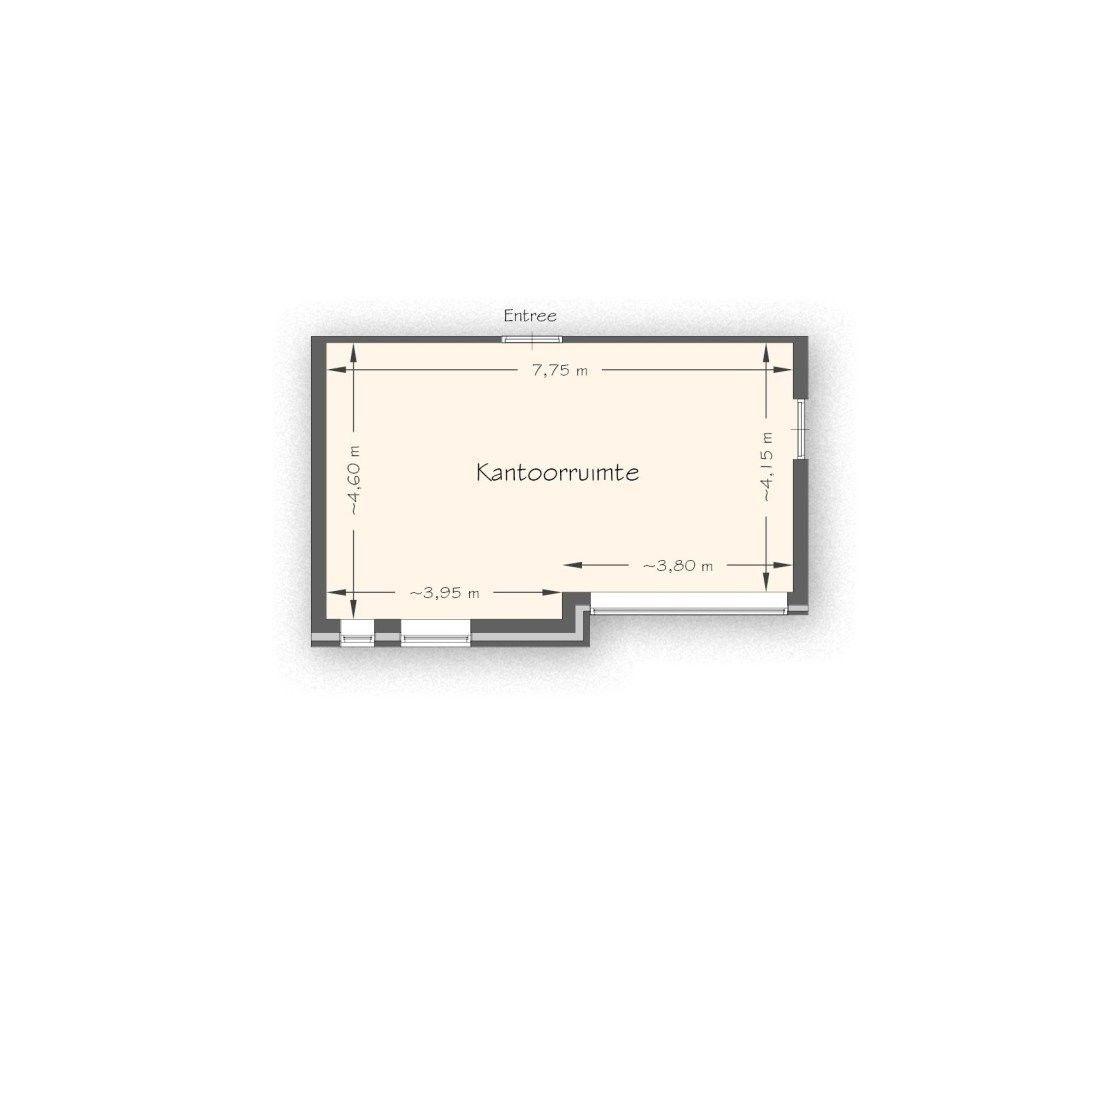 b510-laban_deurloostraat_19_b-scherpenisse-726345167